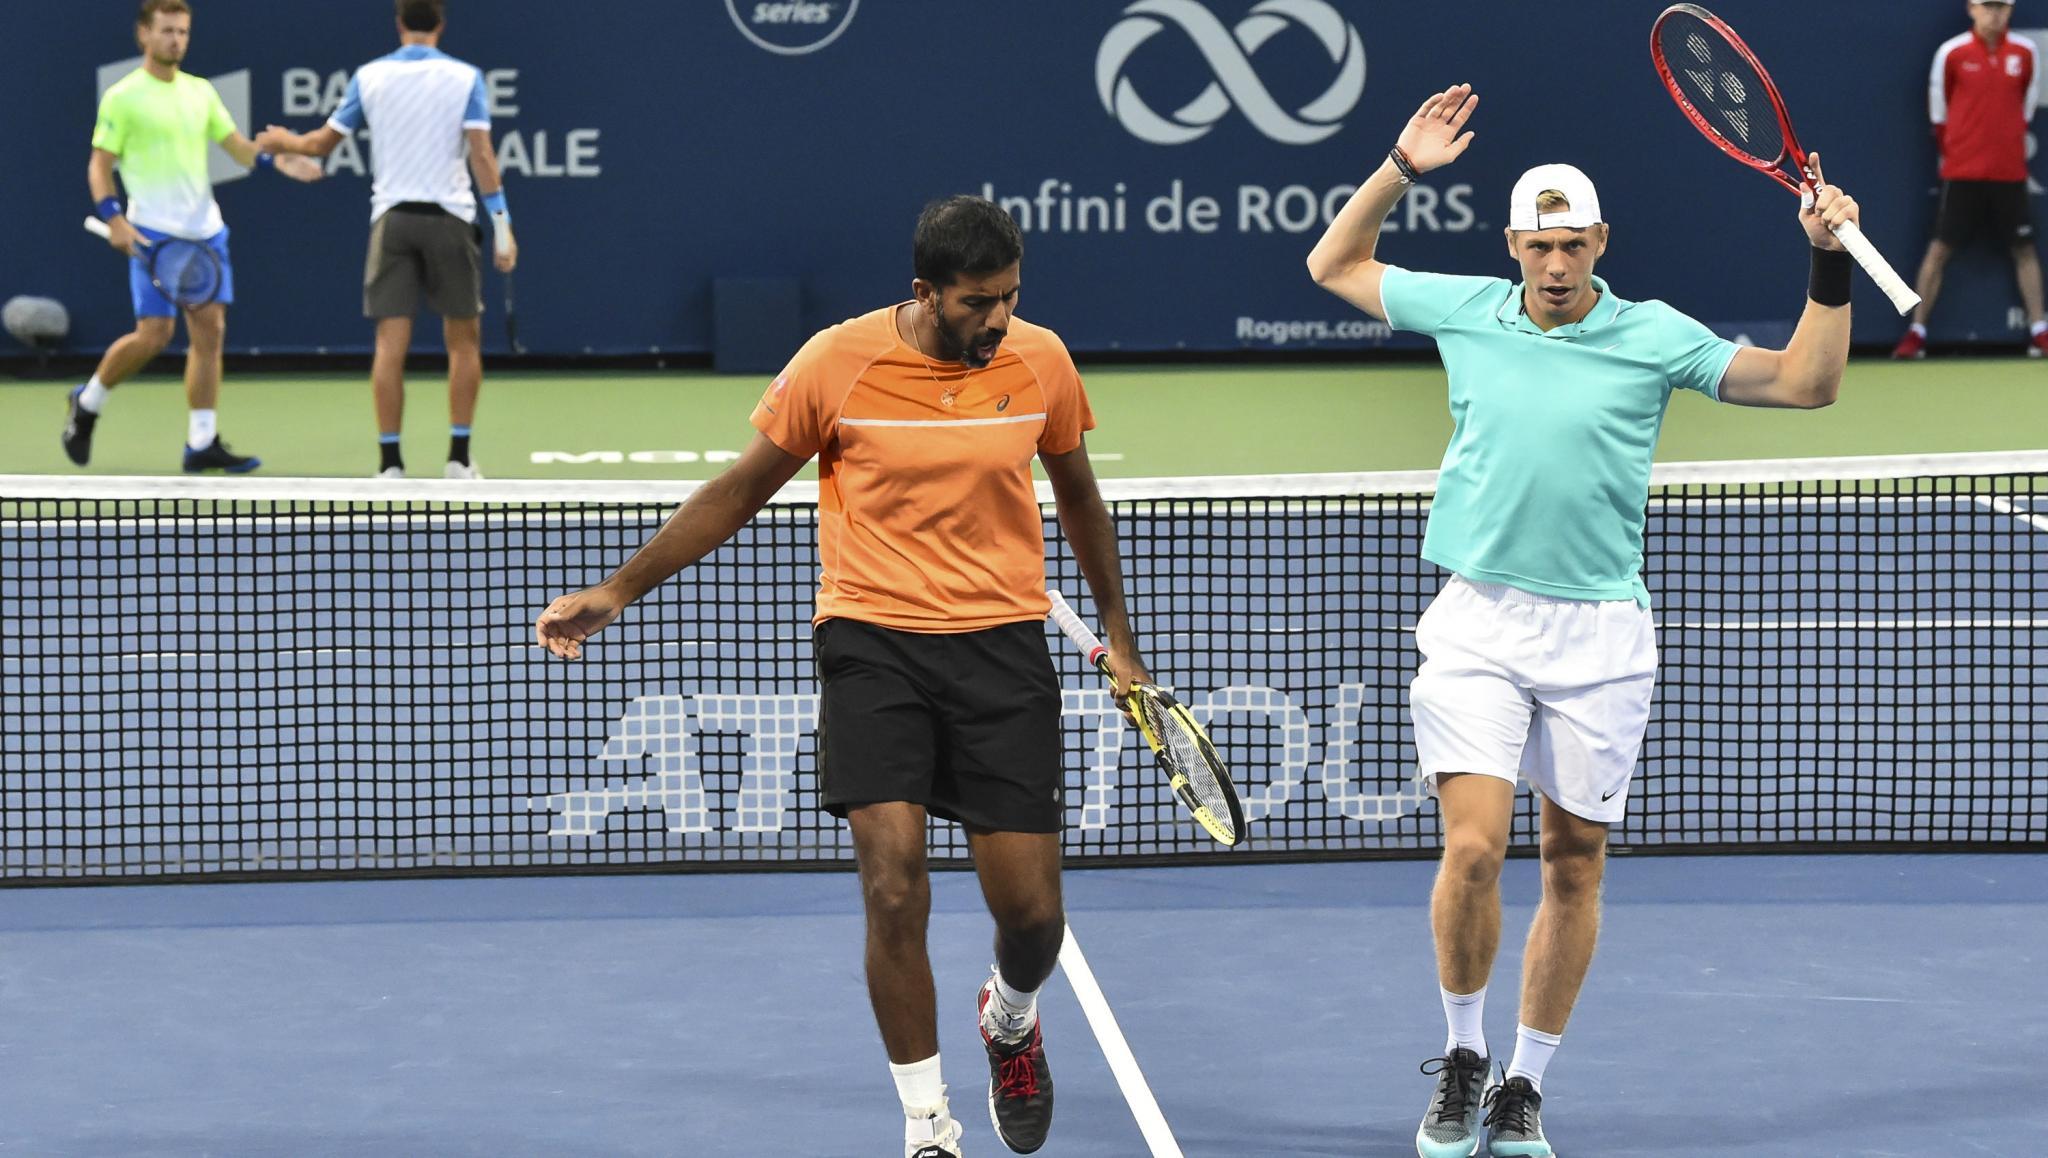 Paris Open 2019: Rohan Bopanna and Denis Shapovalov Enter Quarter-Finals of Tennis Tournament